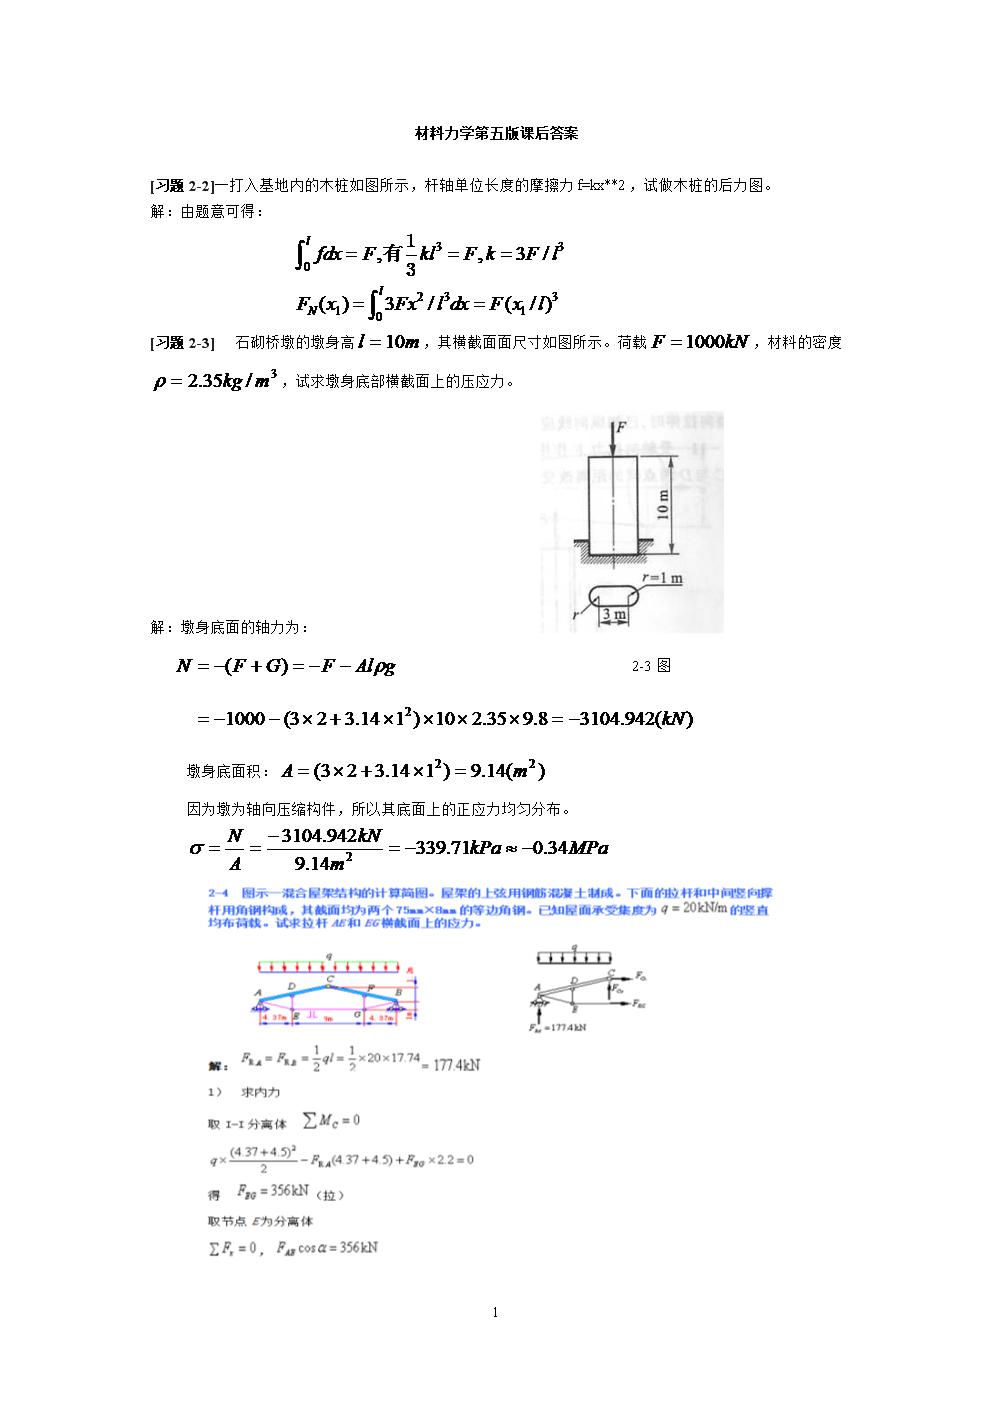 材料力学的第五版(孙训方)课后题答案解析.doc图片